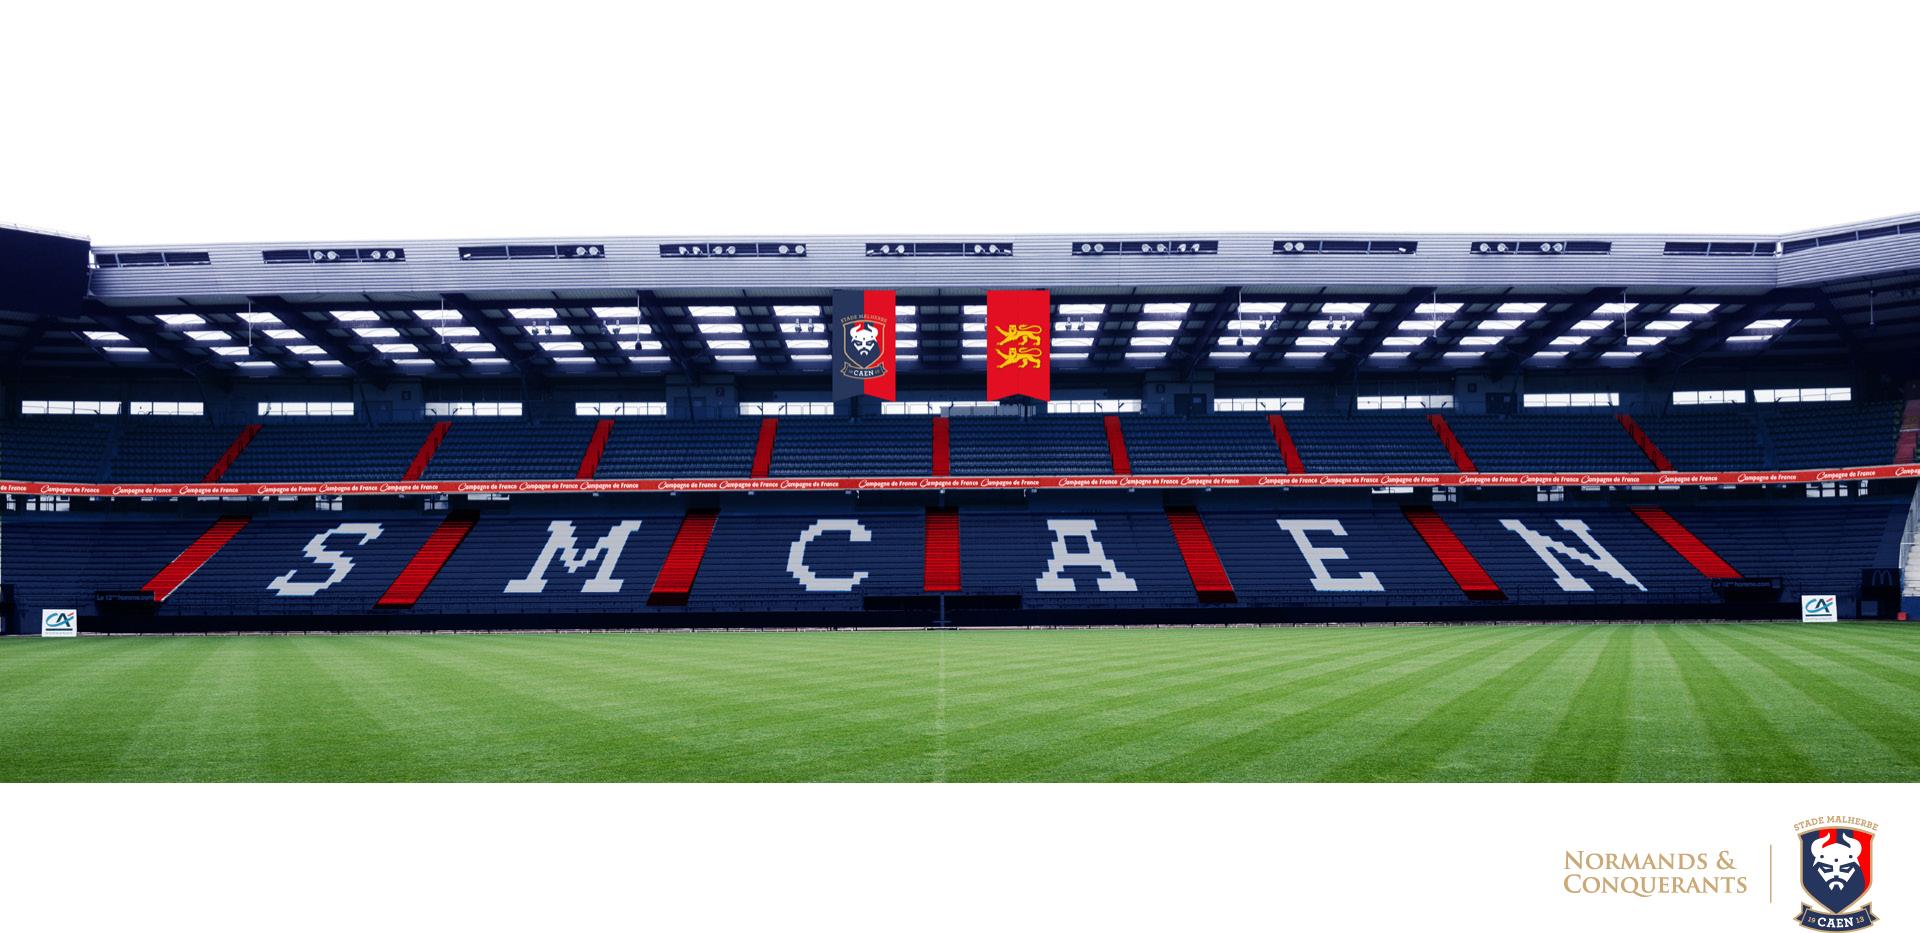 nouveaux sièges bleu rouge stade malherbe caen michel d'ornano 2016